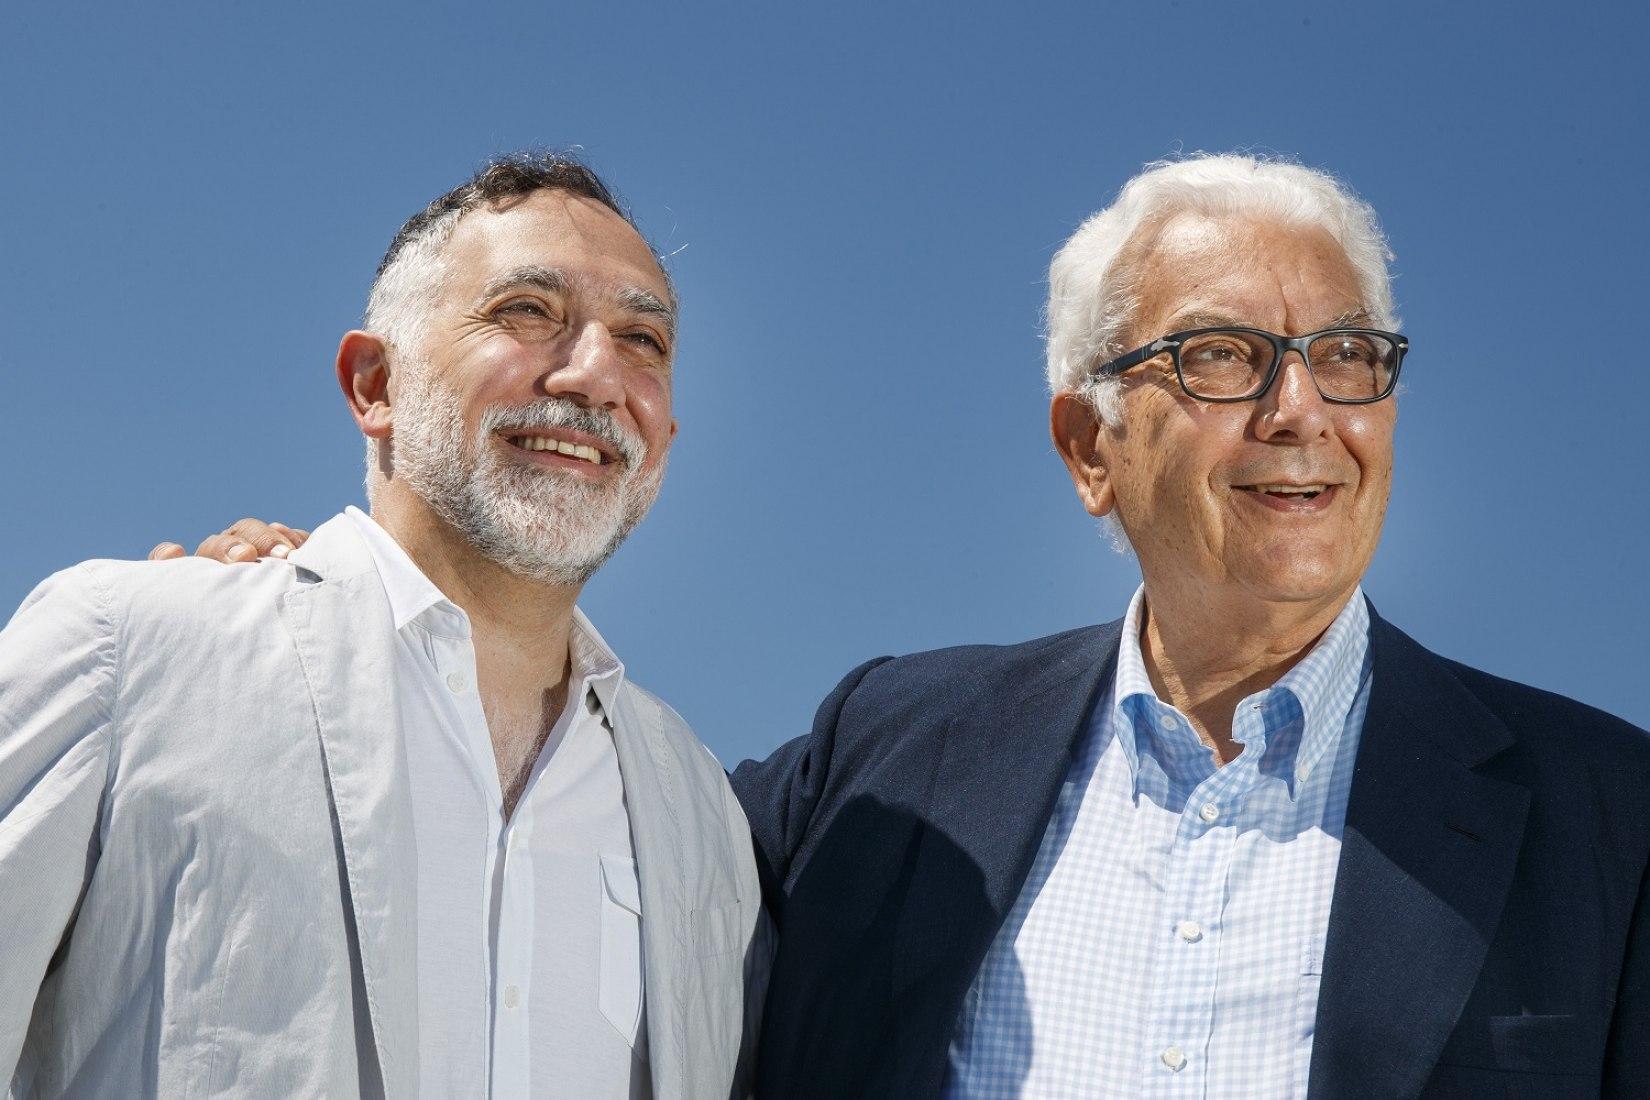 Hashim Sarkis, comisario de la Exposición Internacional de Arquitectura 17a y Paolo Baratta, presidente de la Bienal de Venecia. Imagen de Jacopo Salvi, cortesía de La Biennale di Venezia.